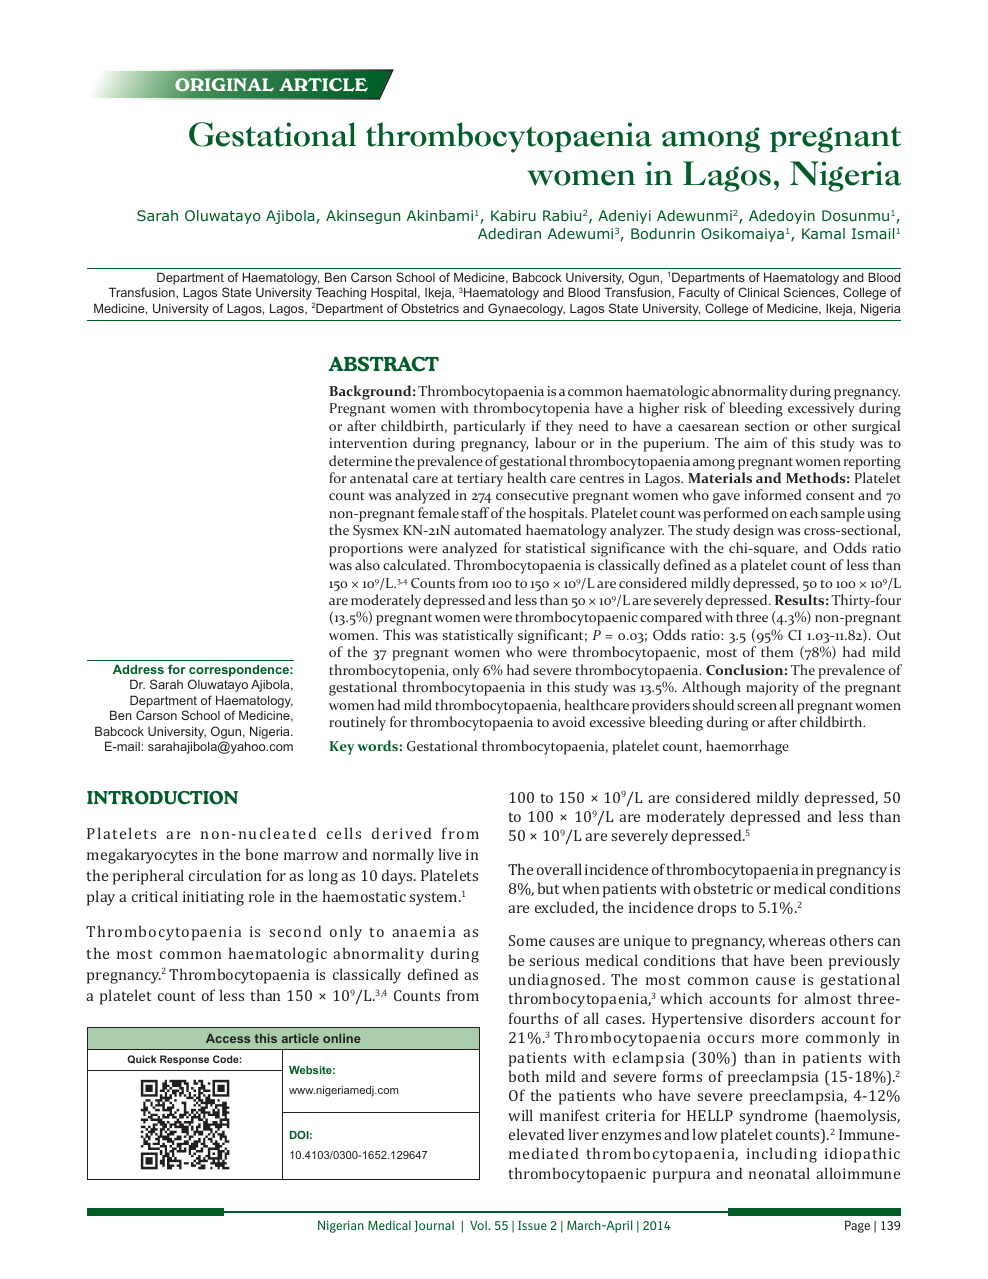 Gestational thrombocytopaenia among pregnant women in Lagos